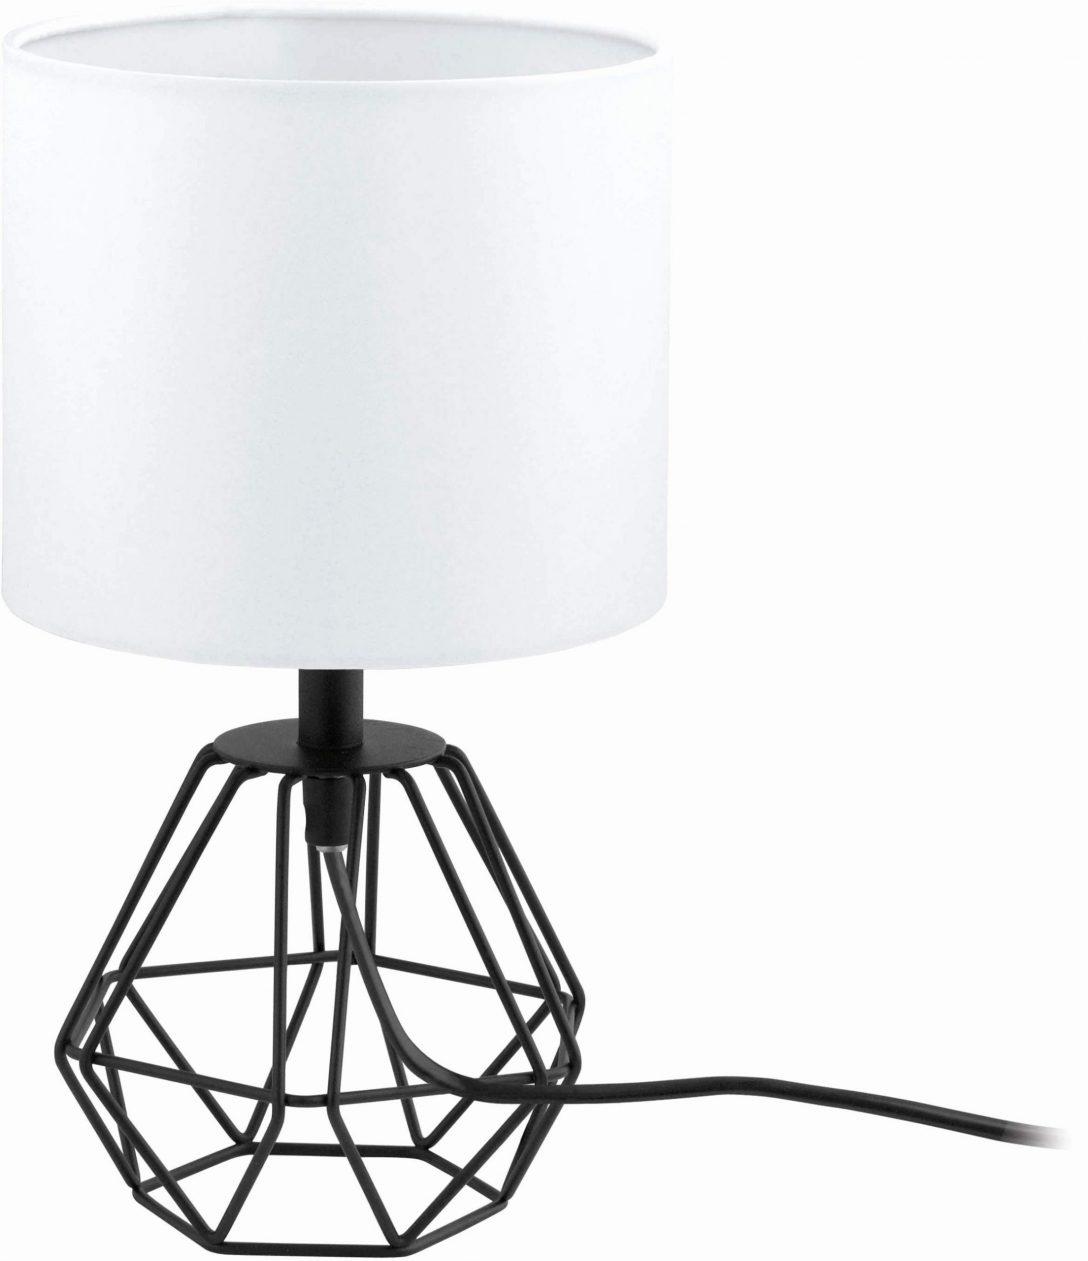 Large Size of Deckenlampe Holzbalkendecke Lampe Holz Selber Machen Holzbalken Bauen Rustikal Dimmbar Deckenleuchte Rund Deckenlampen Aus Esstisch Bad Waschtisch Bett Wohnzimmer Deckenlampe Holz